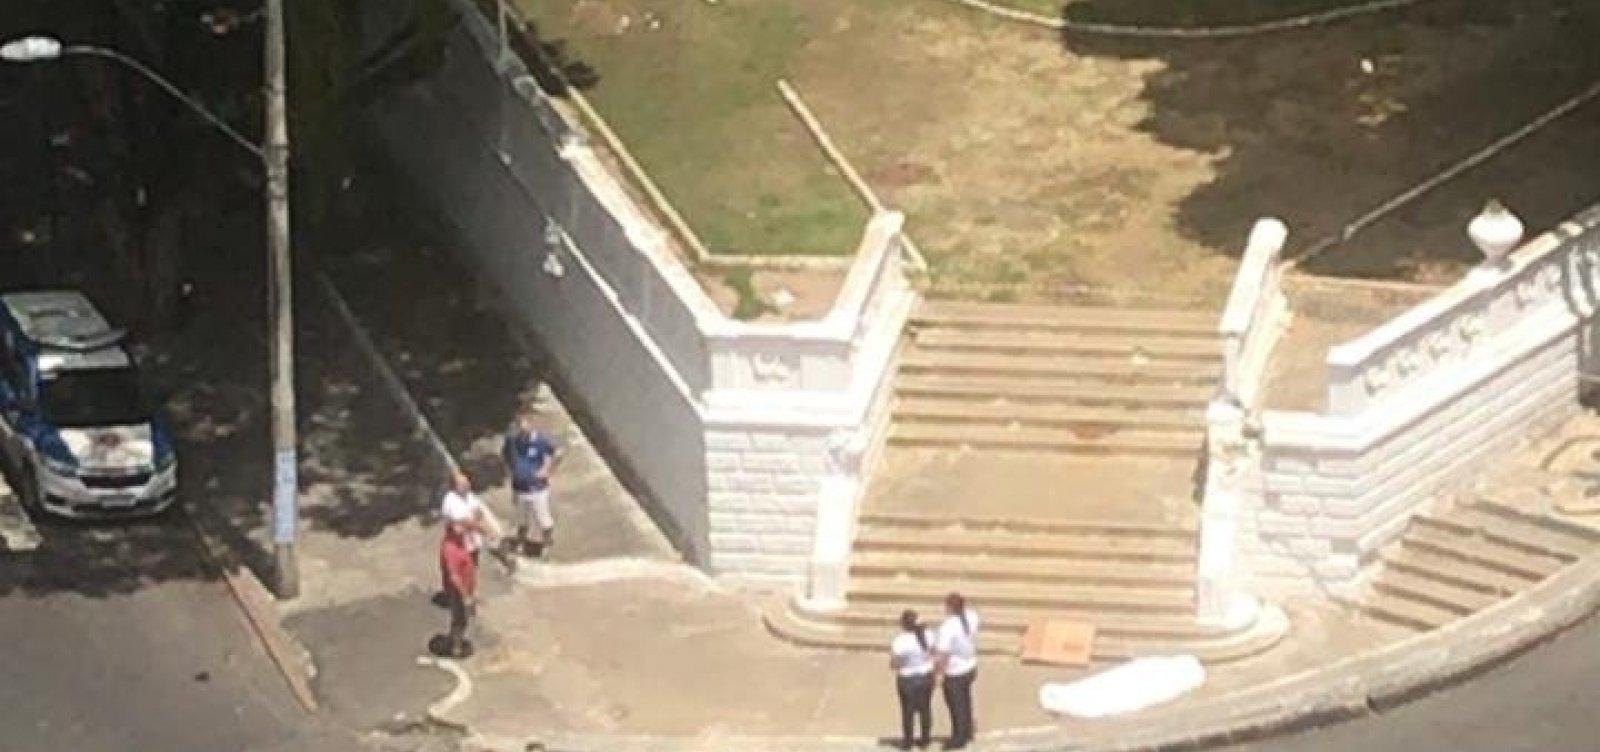 [Idoso morre em calçada e corpo demora mais de três horas para ser retirado em Salvador]